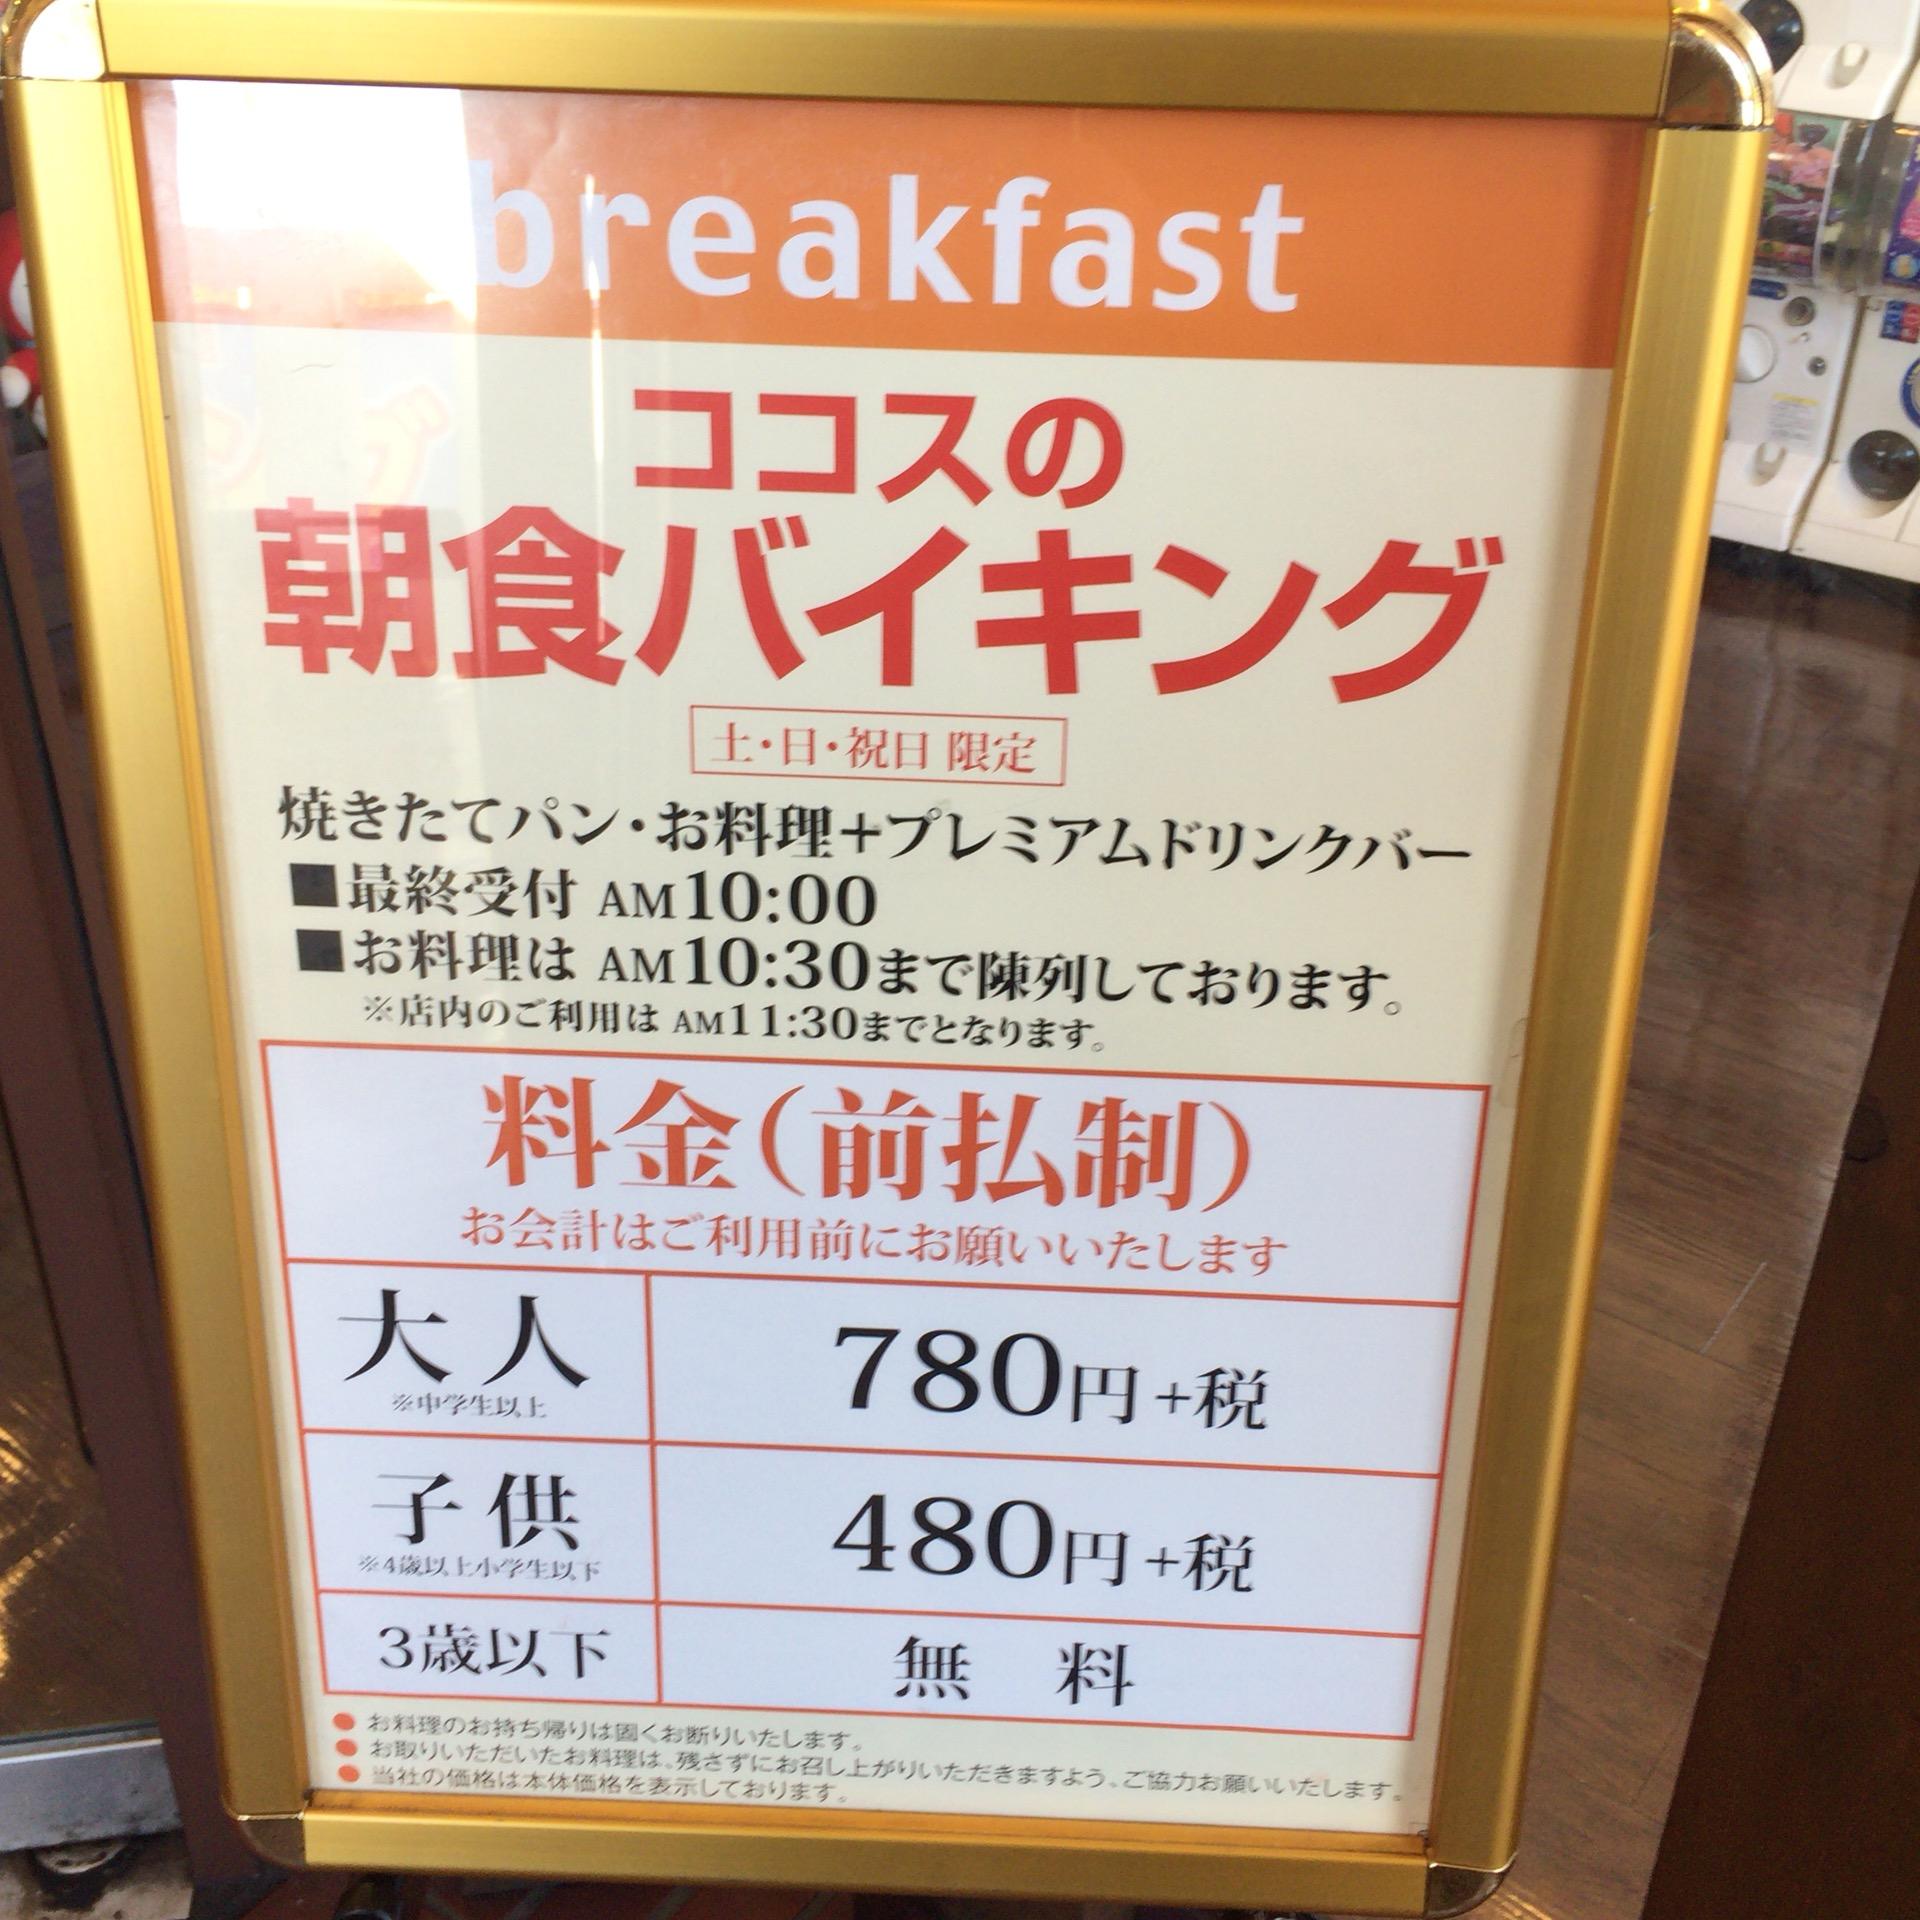 ファミレスCOCO'S(ココス)朝食バイキングの様子